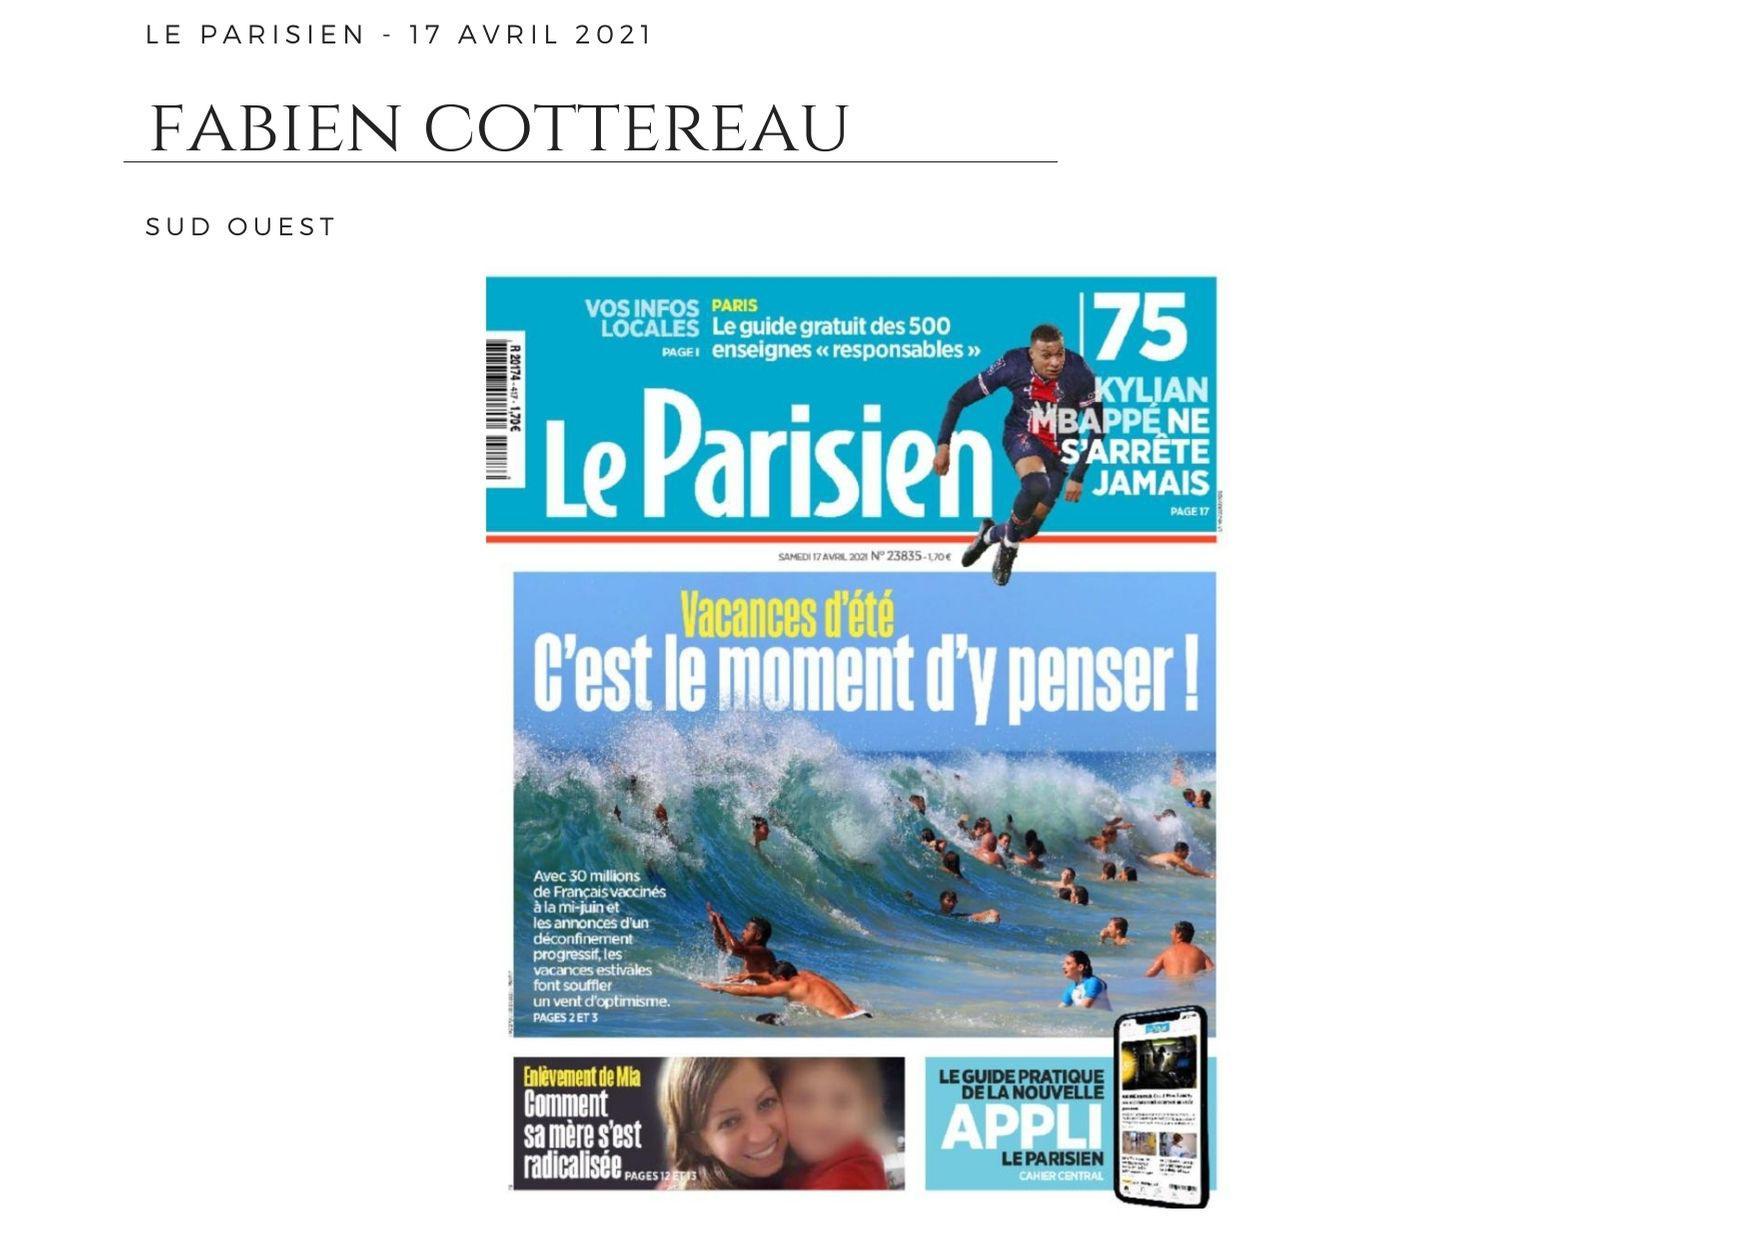 Le Parisien - 17 avril 2021